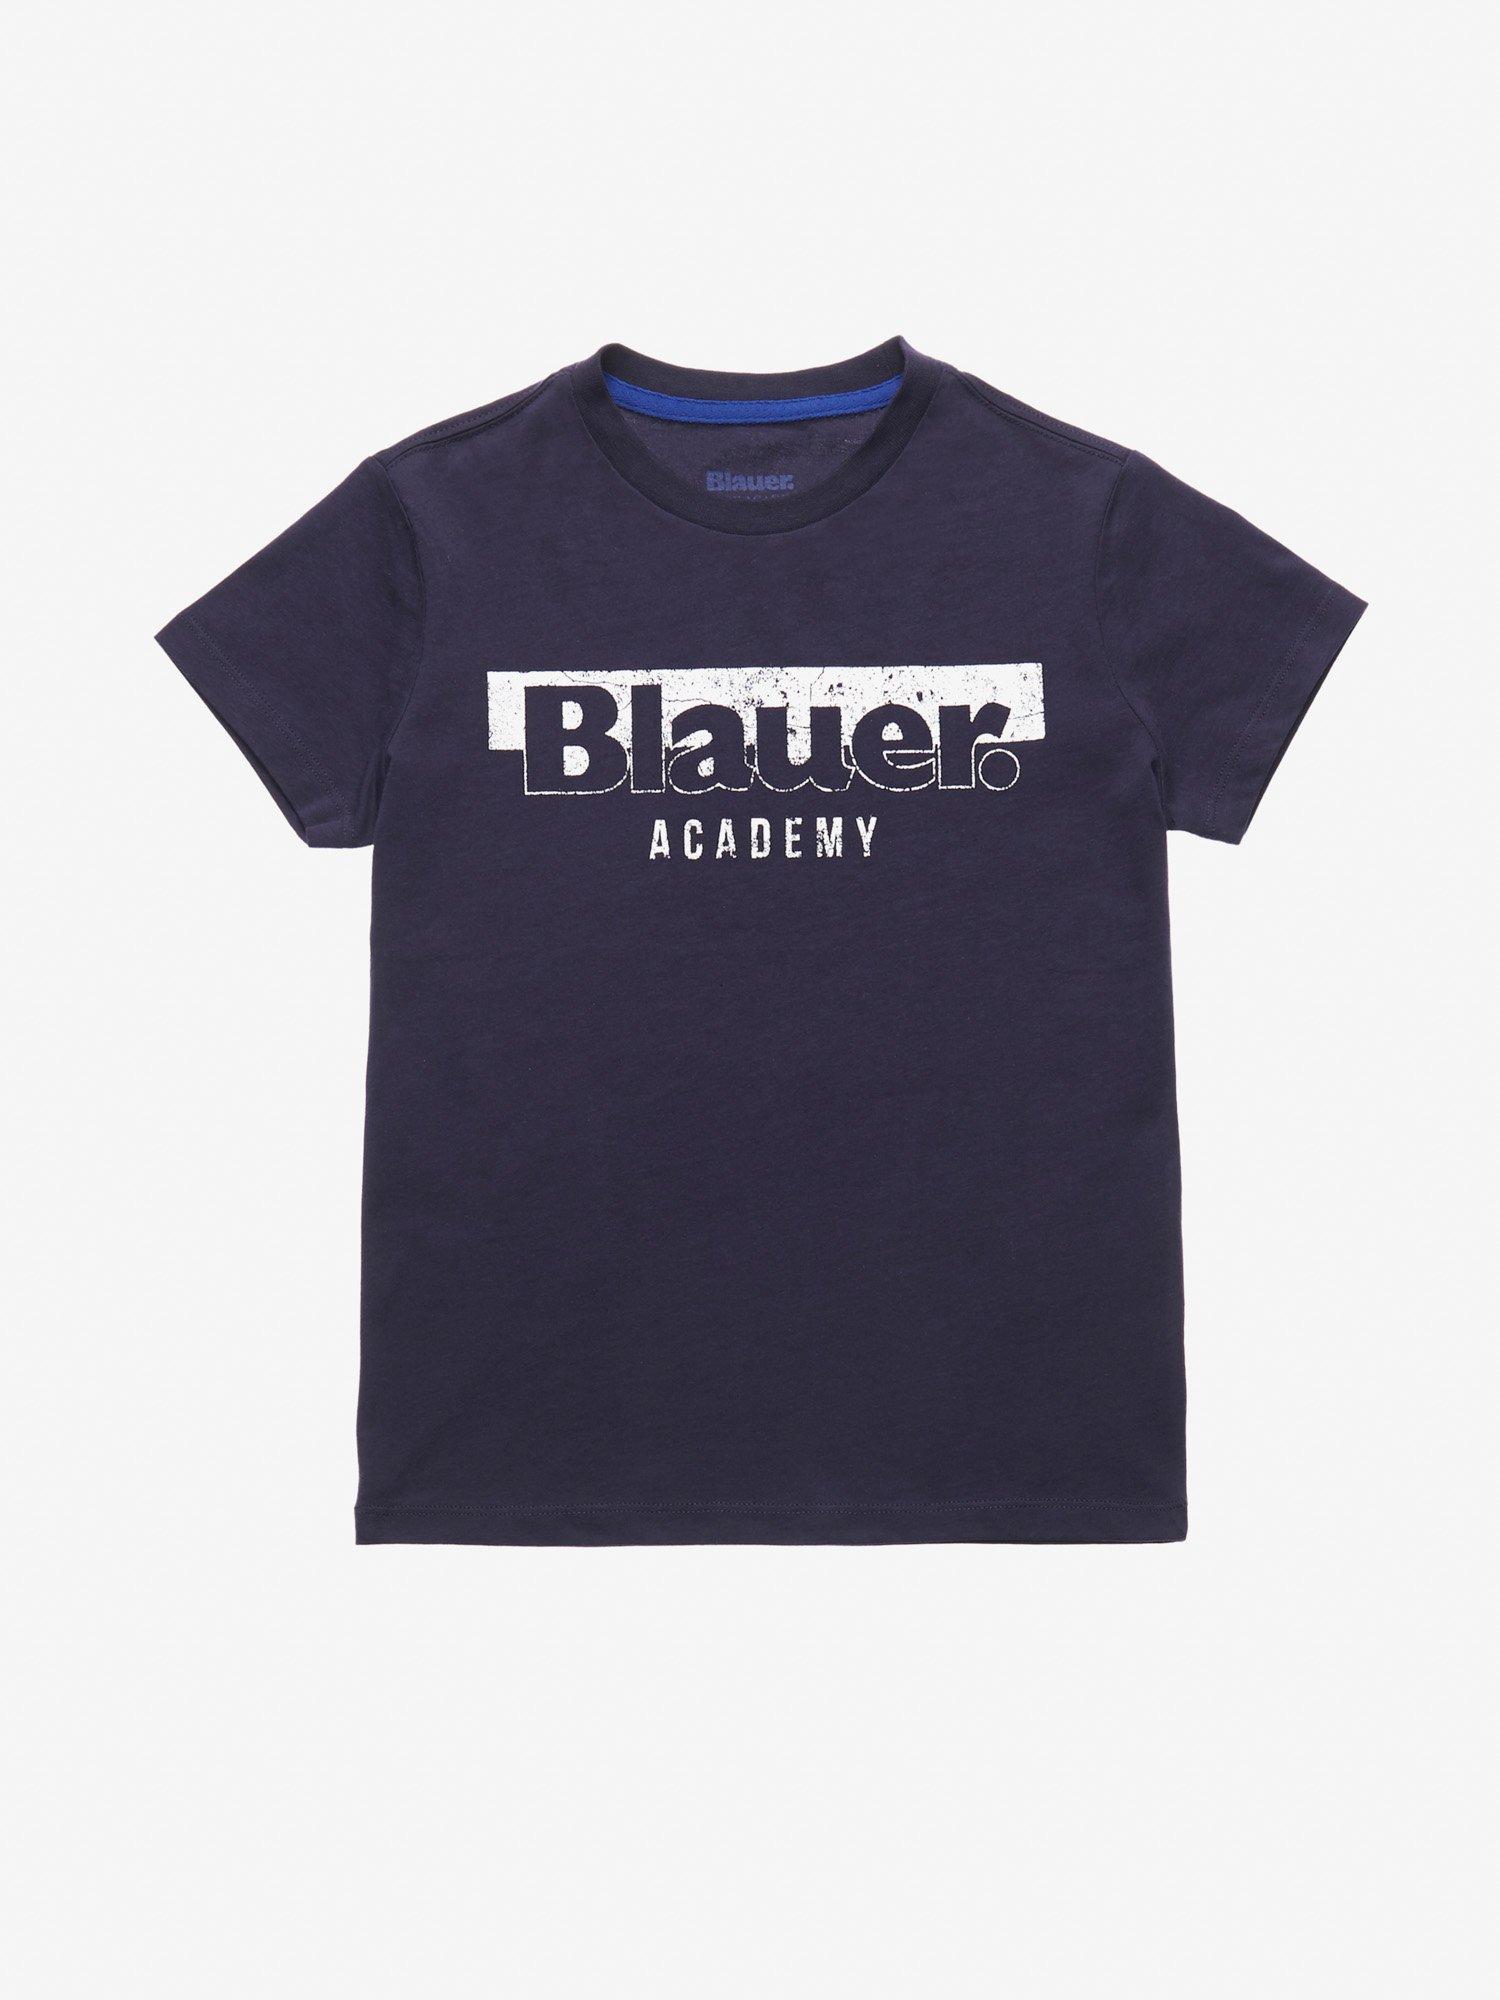 Blauer - ФУТБОЛКА ДЕТСКАЯ BLAUER ACADEMY - голубой - Blauer